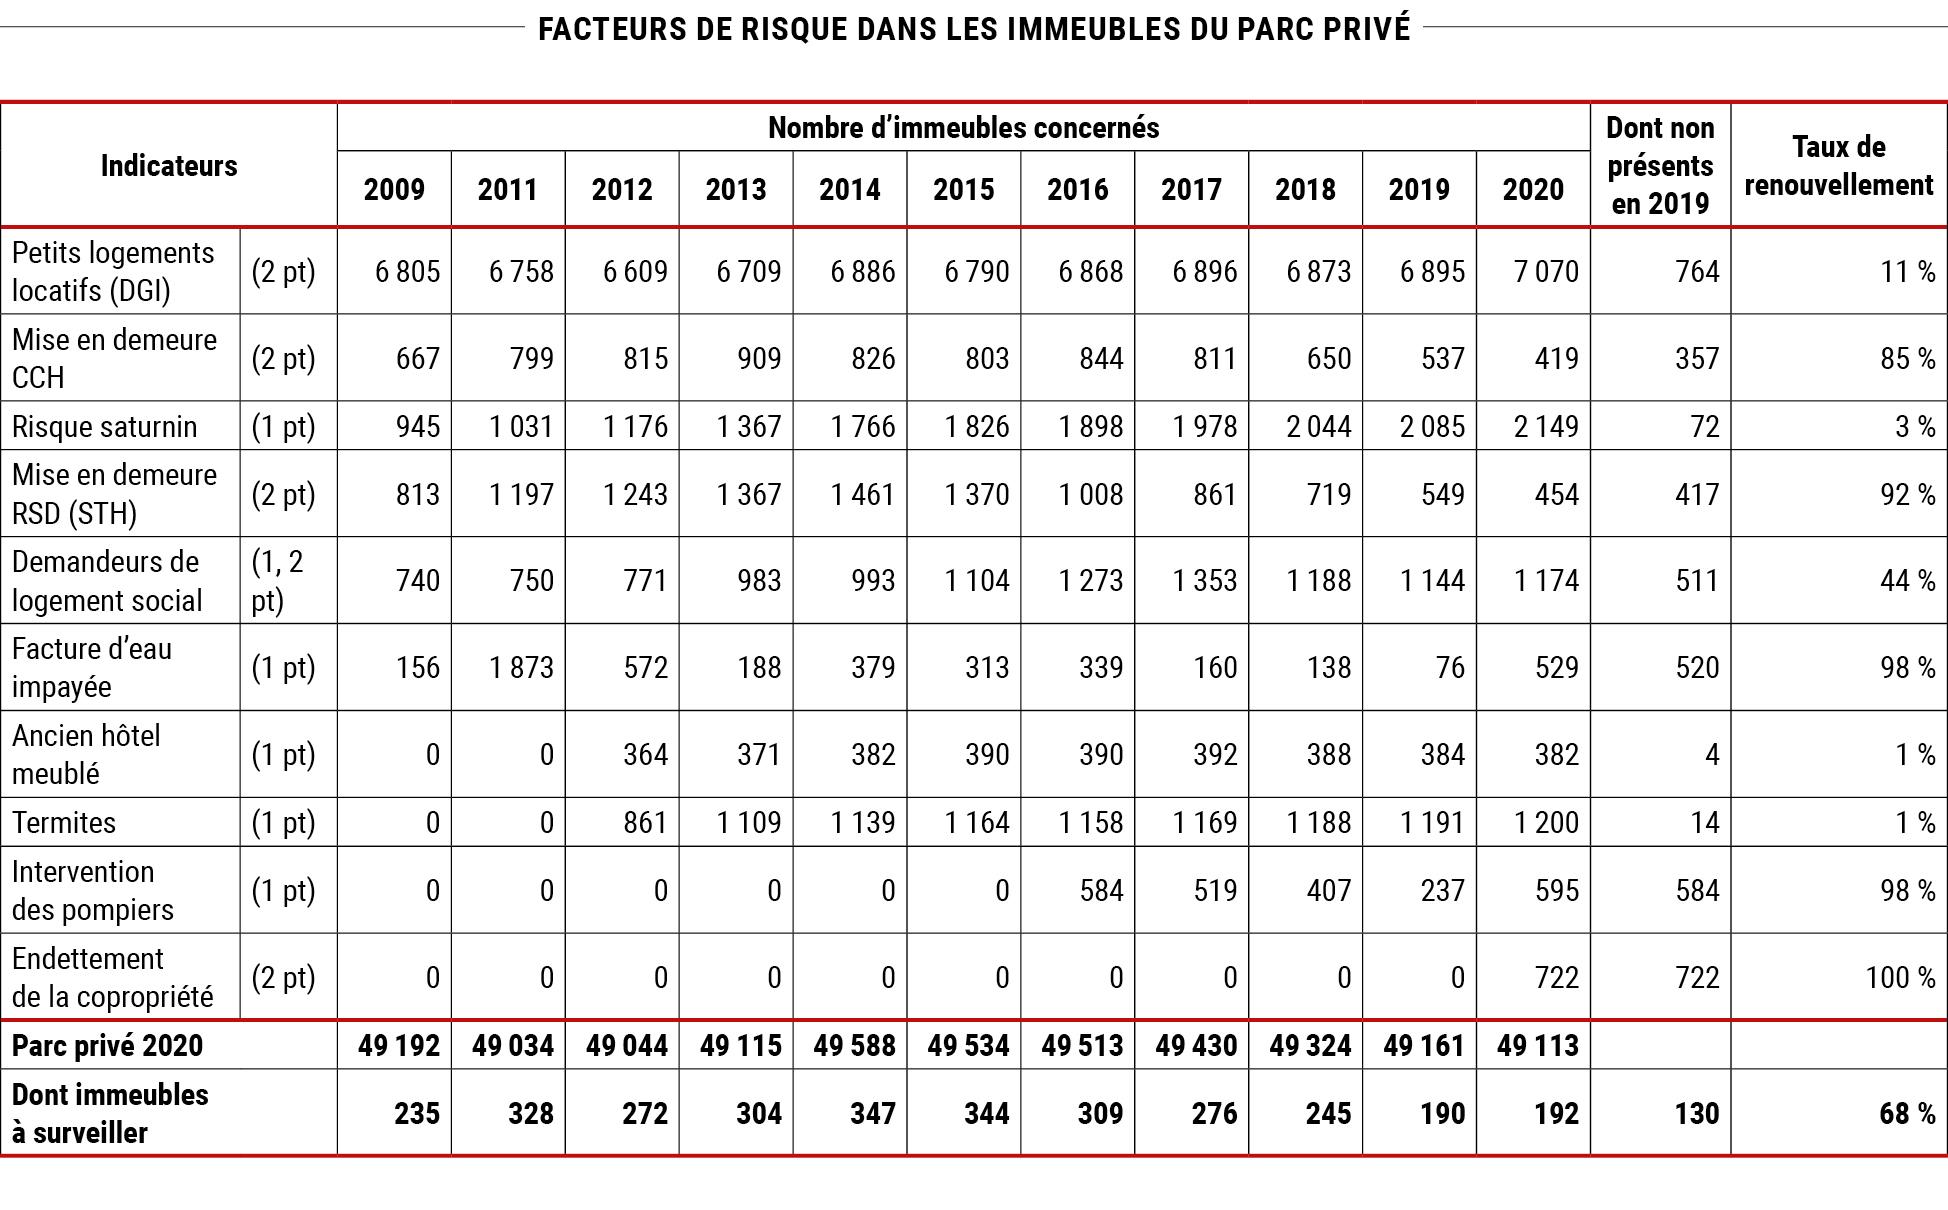 Facteurs de risque dans les immeubles du parc privé à Paris © Apur